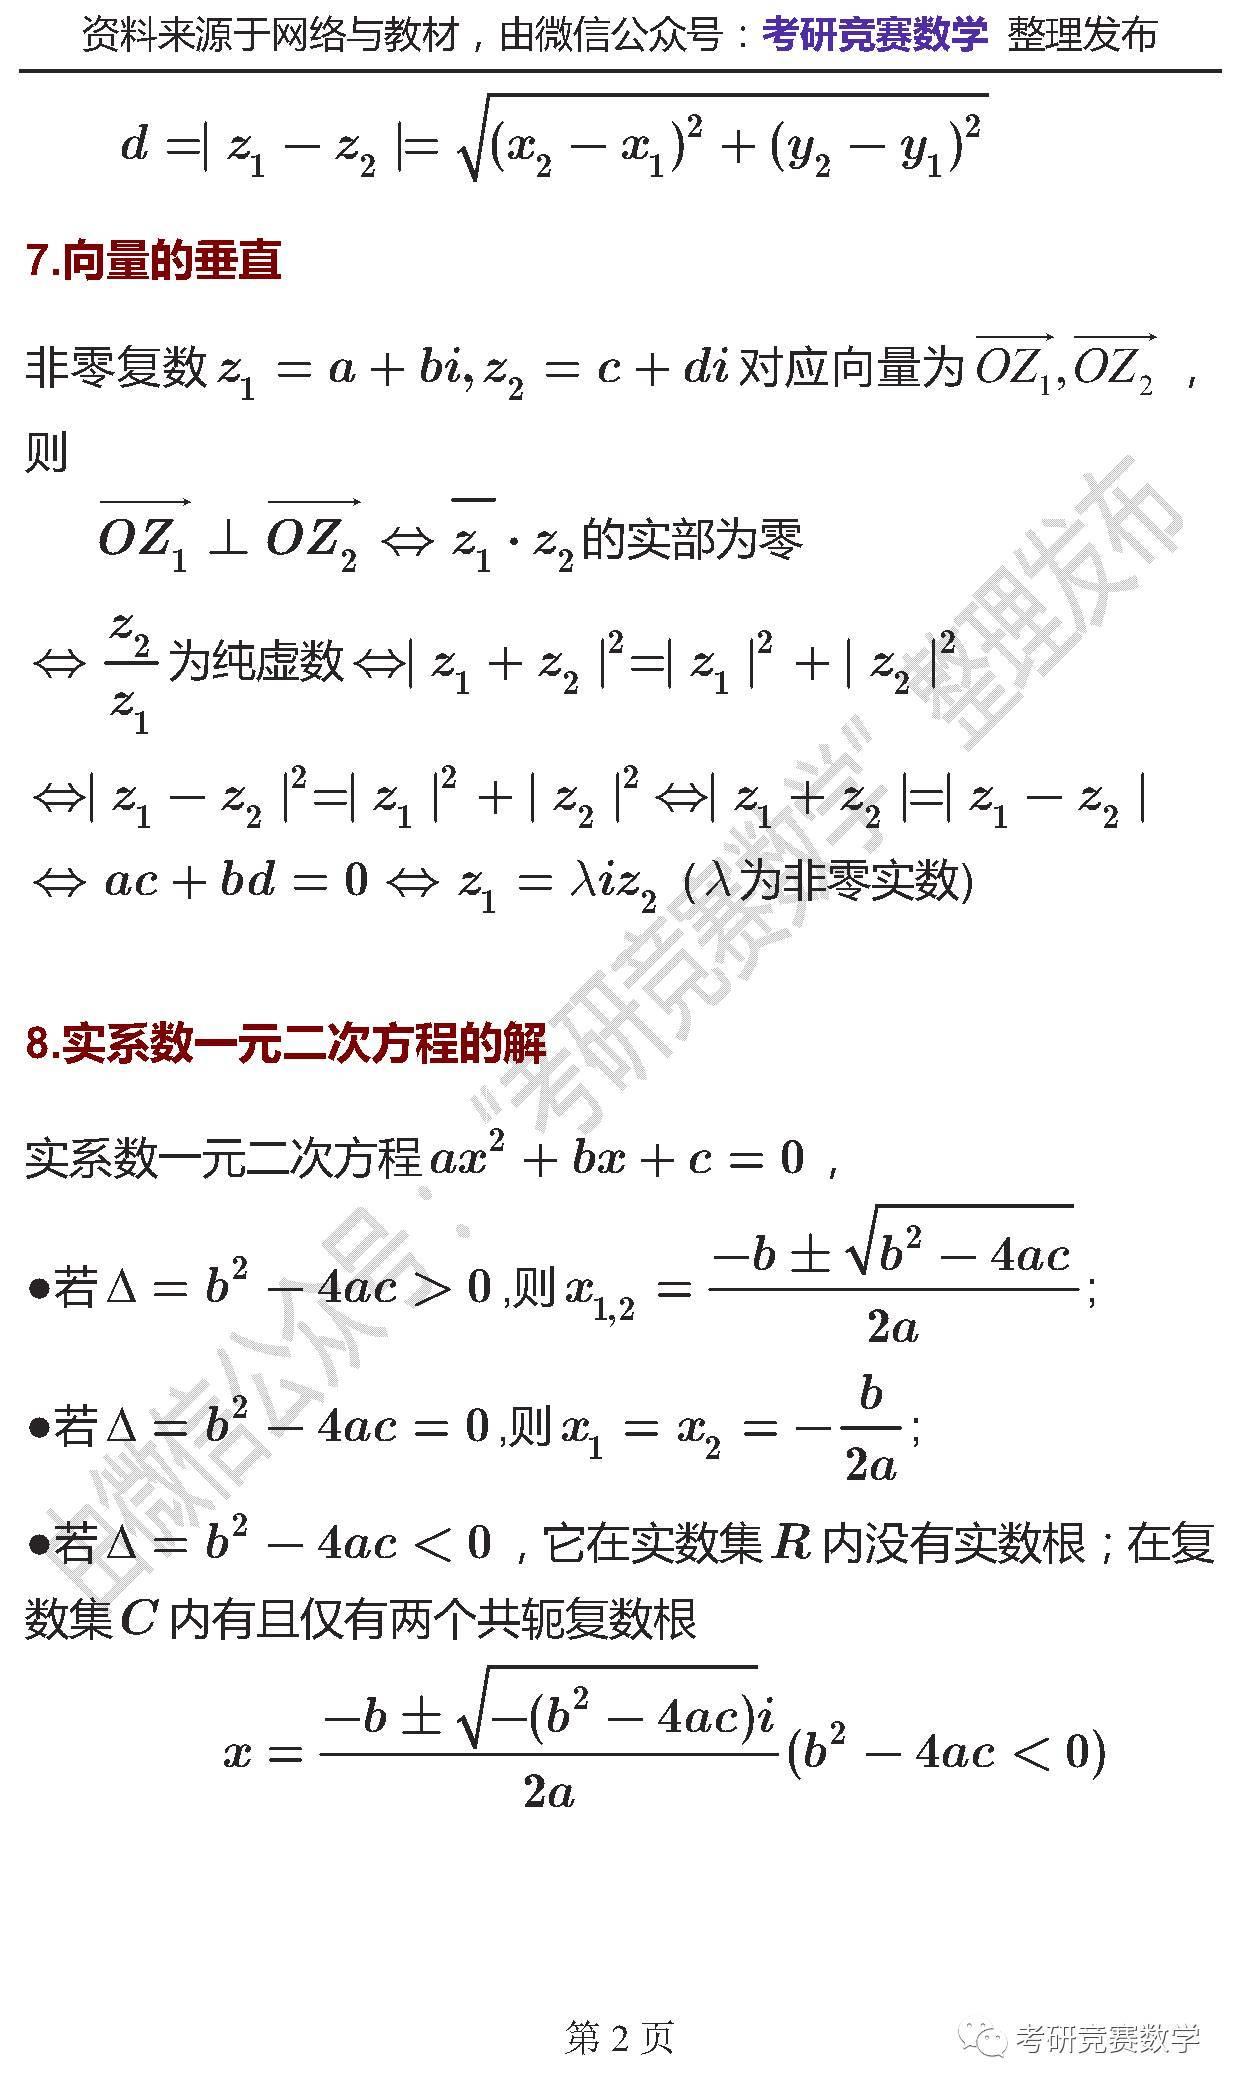 复数篇:大学数学学习不得不知道的基础公式与结论图片